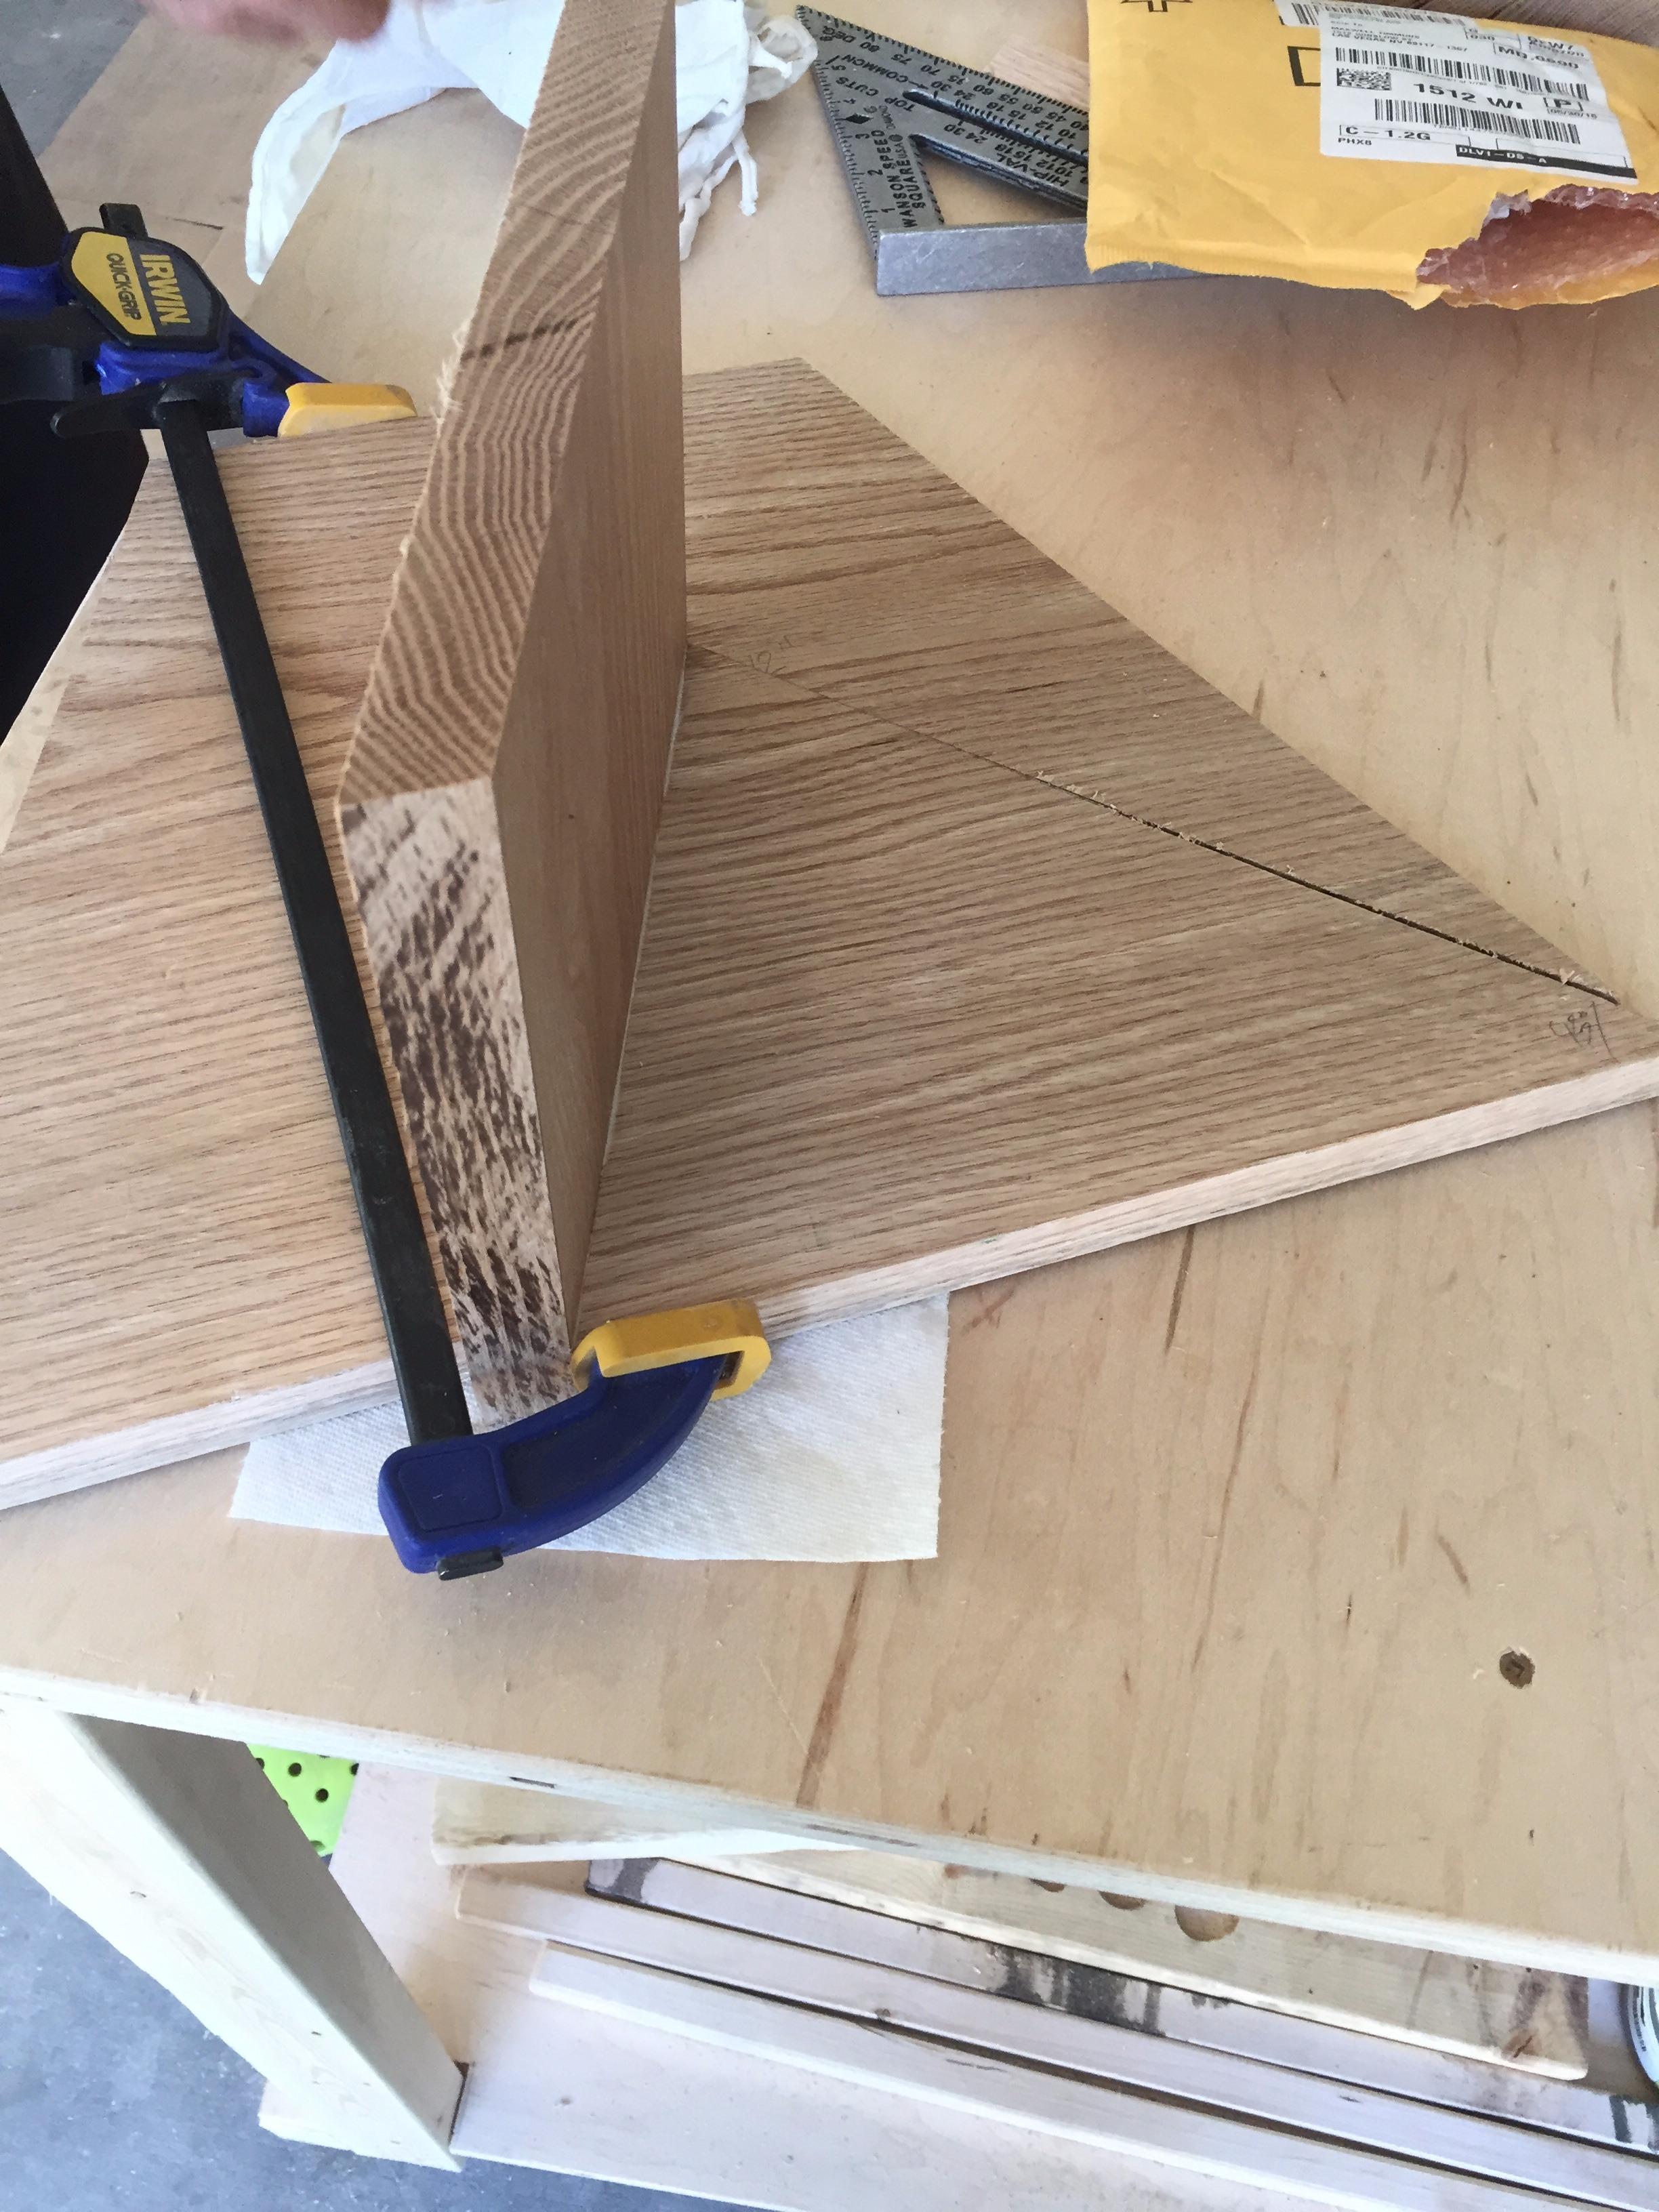 Picture of Cut Cut Cut, Clamp Clamp Clamp